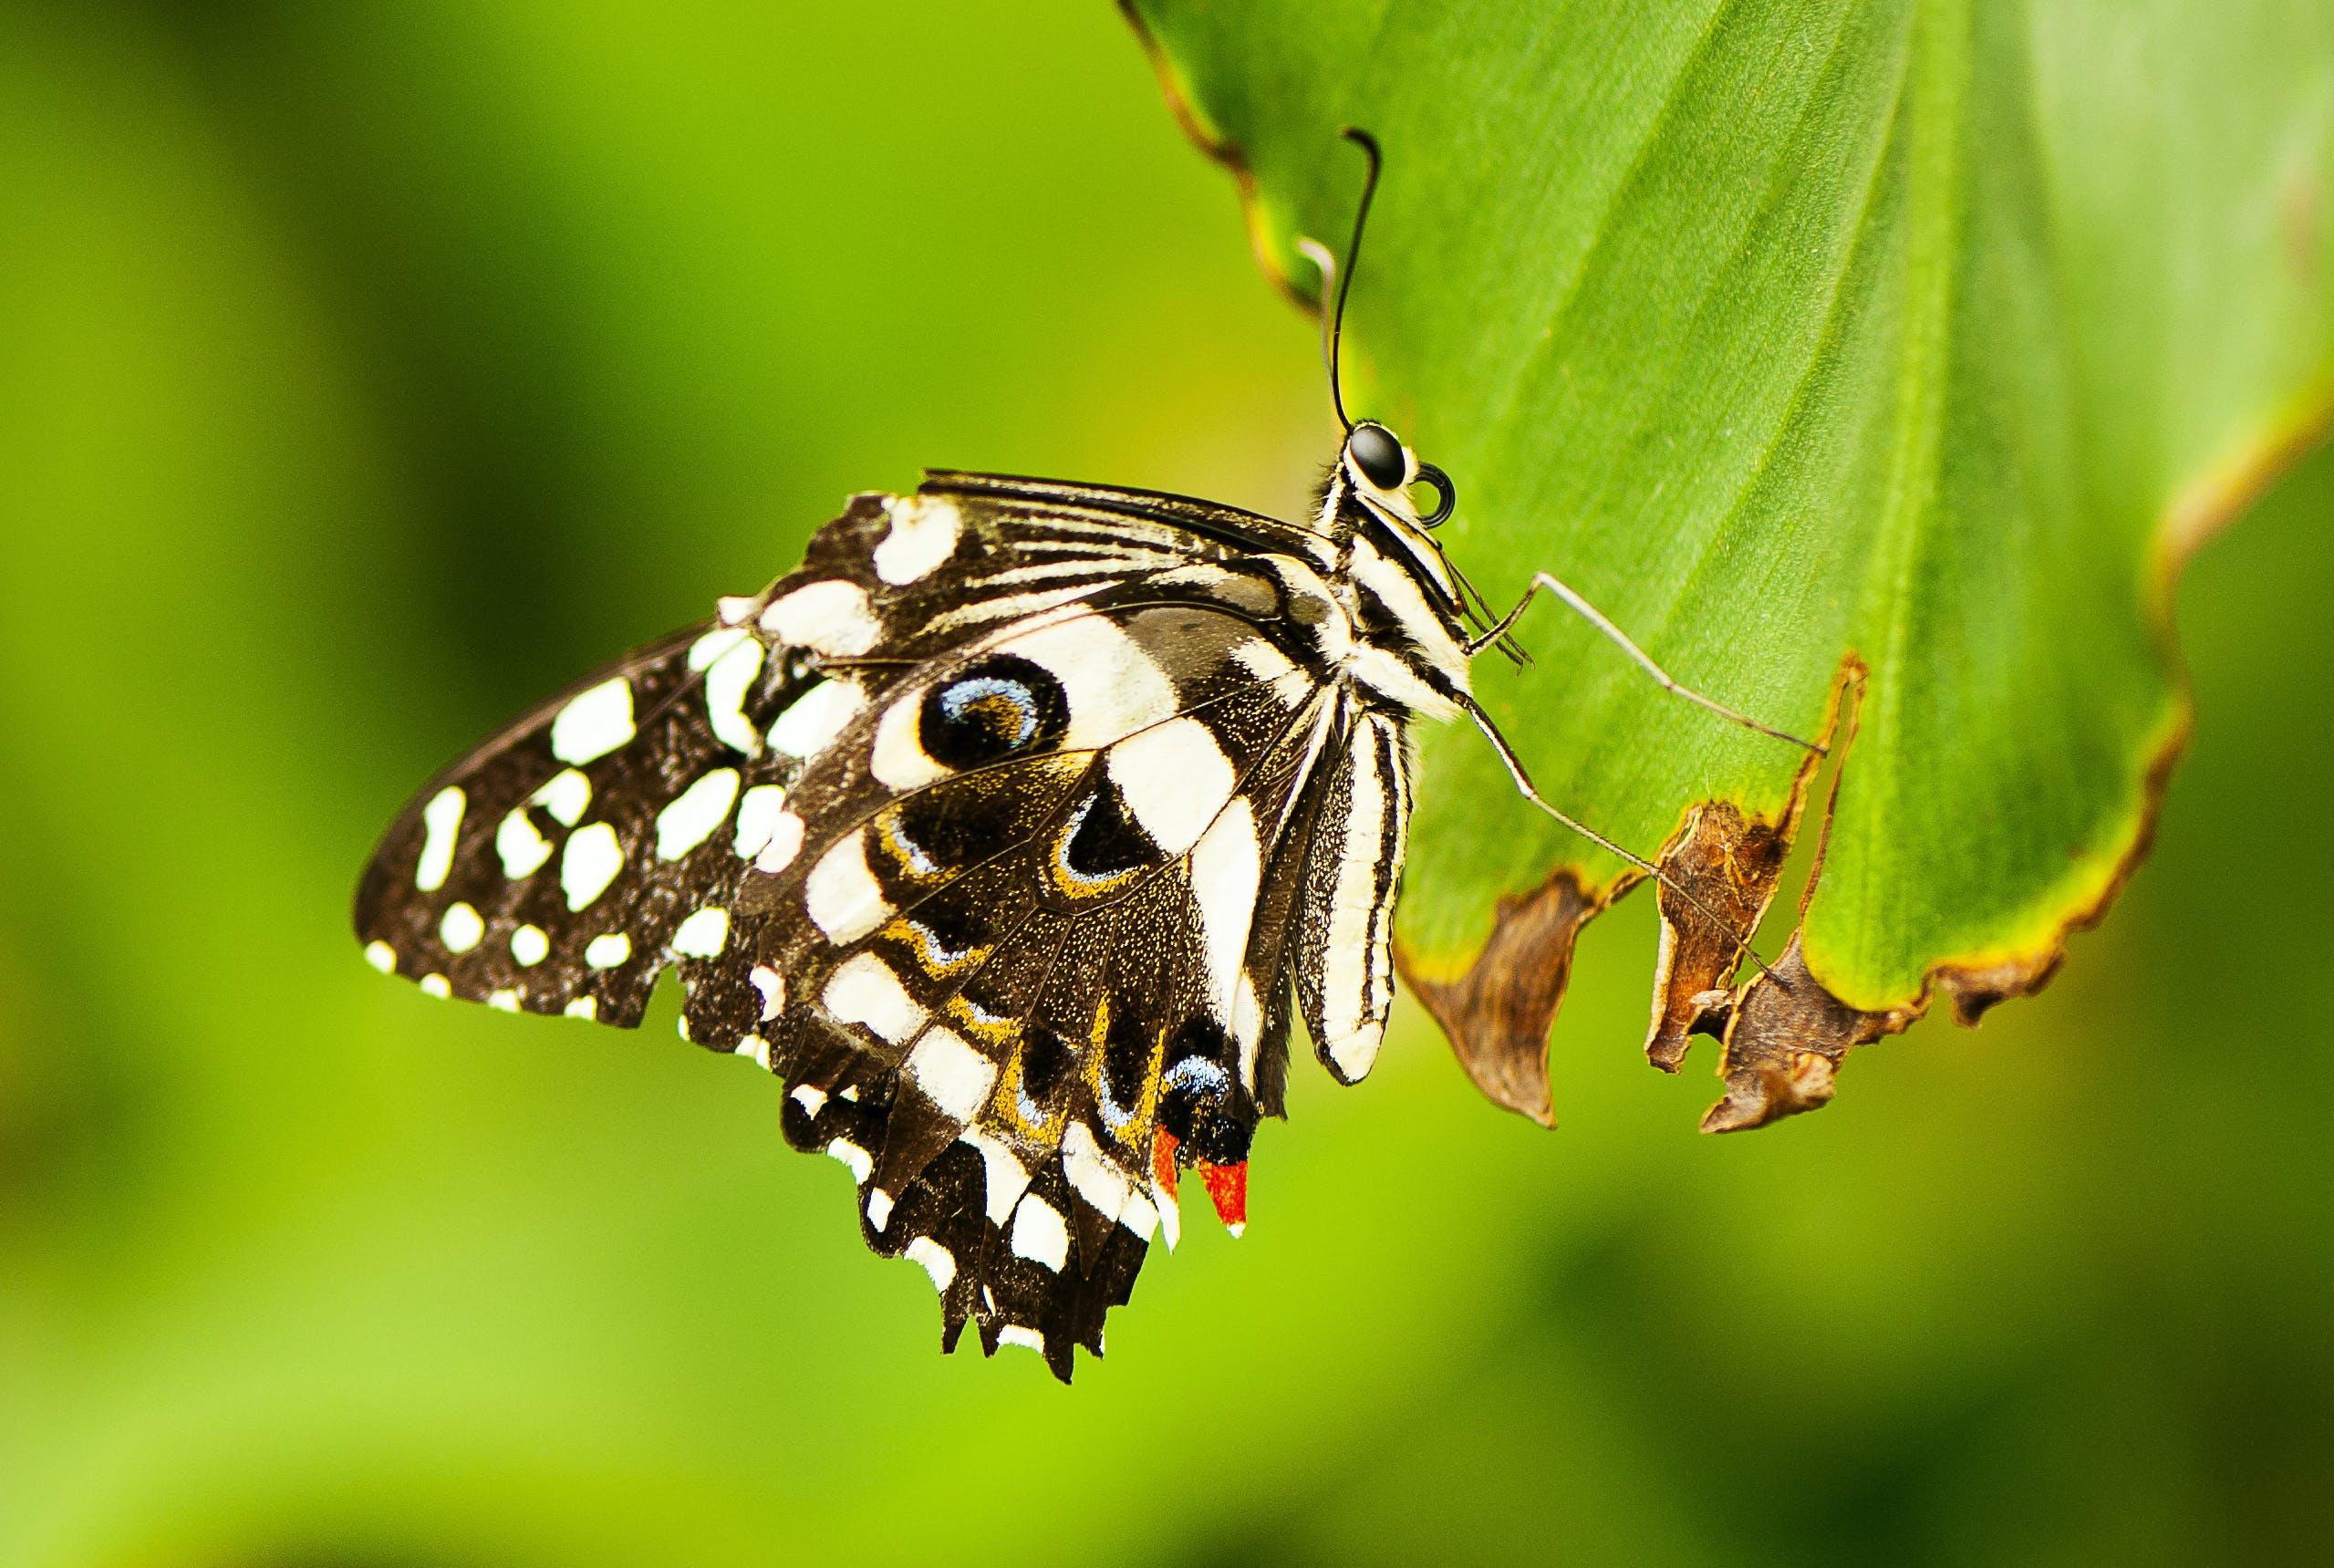 Δωρεάν στοκ φωτογραφιών με macro, έντομο, κοντινό πλάνο, πεταλούδα